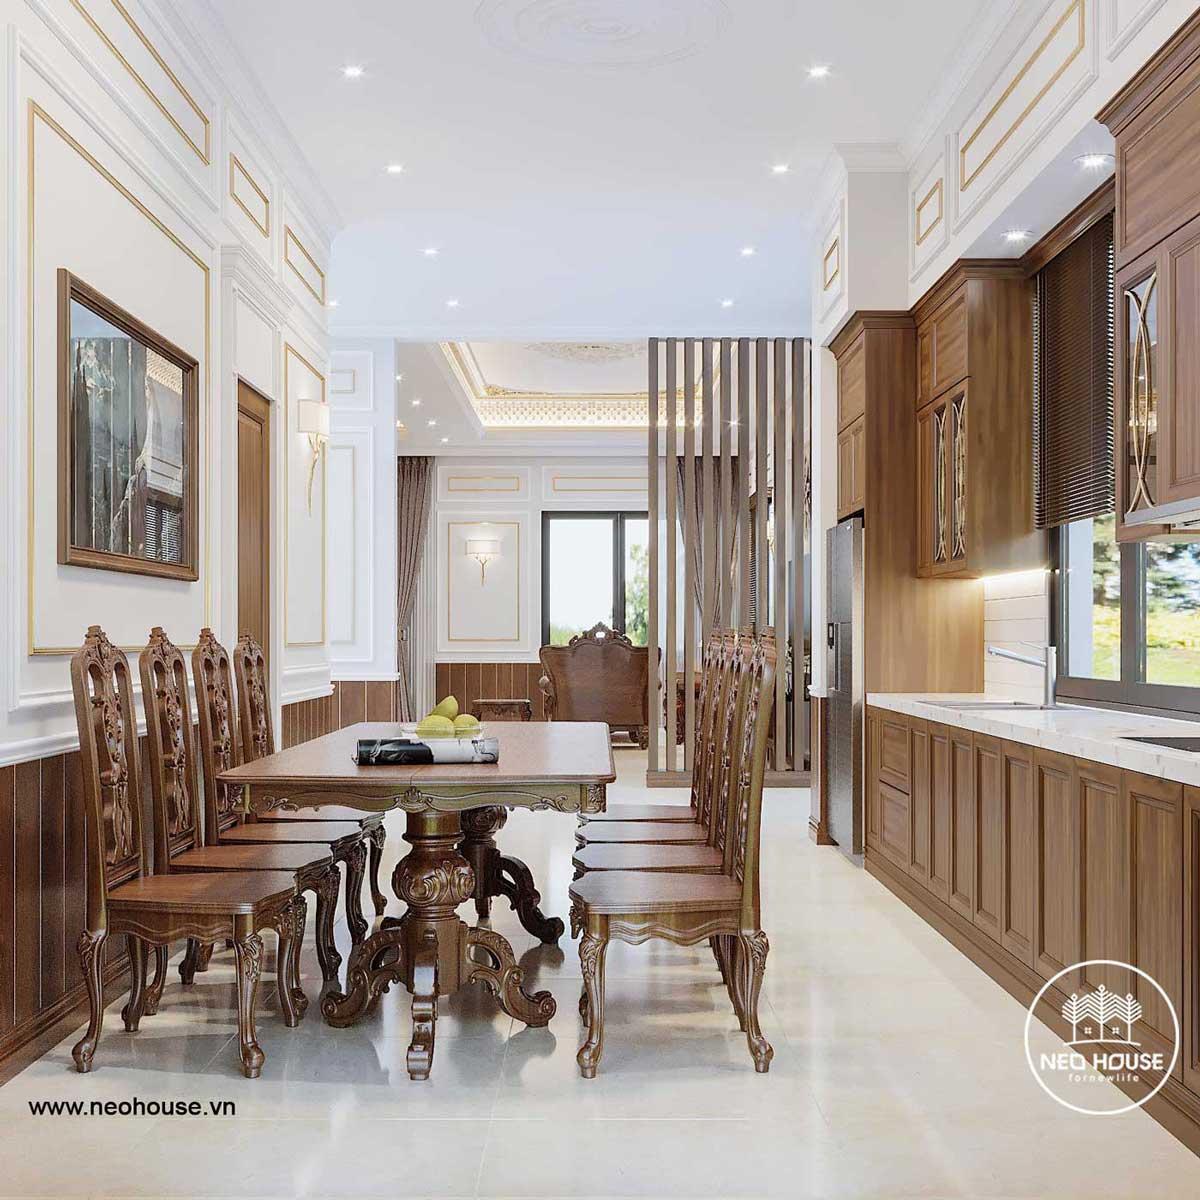 Thiết kế nội thất biệt thự 3 tầng tân cổ điển. Ảnh 3